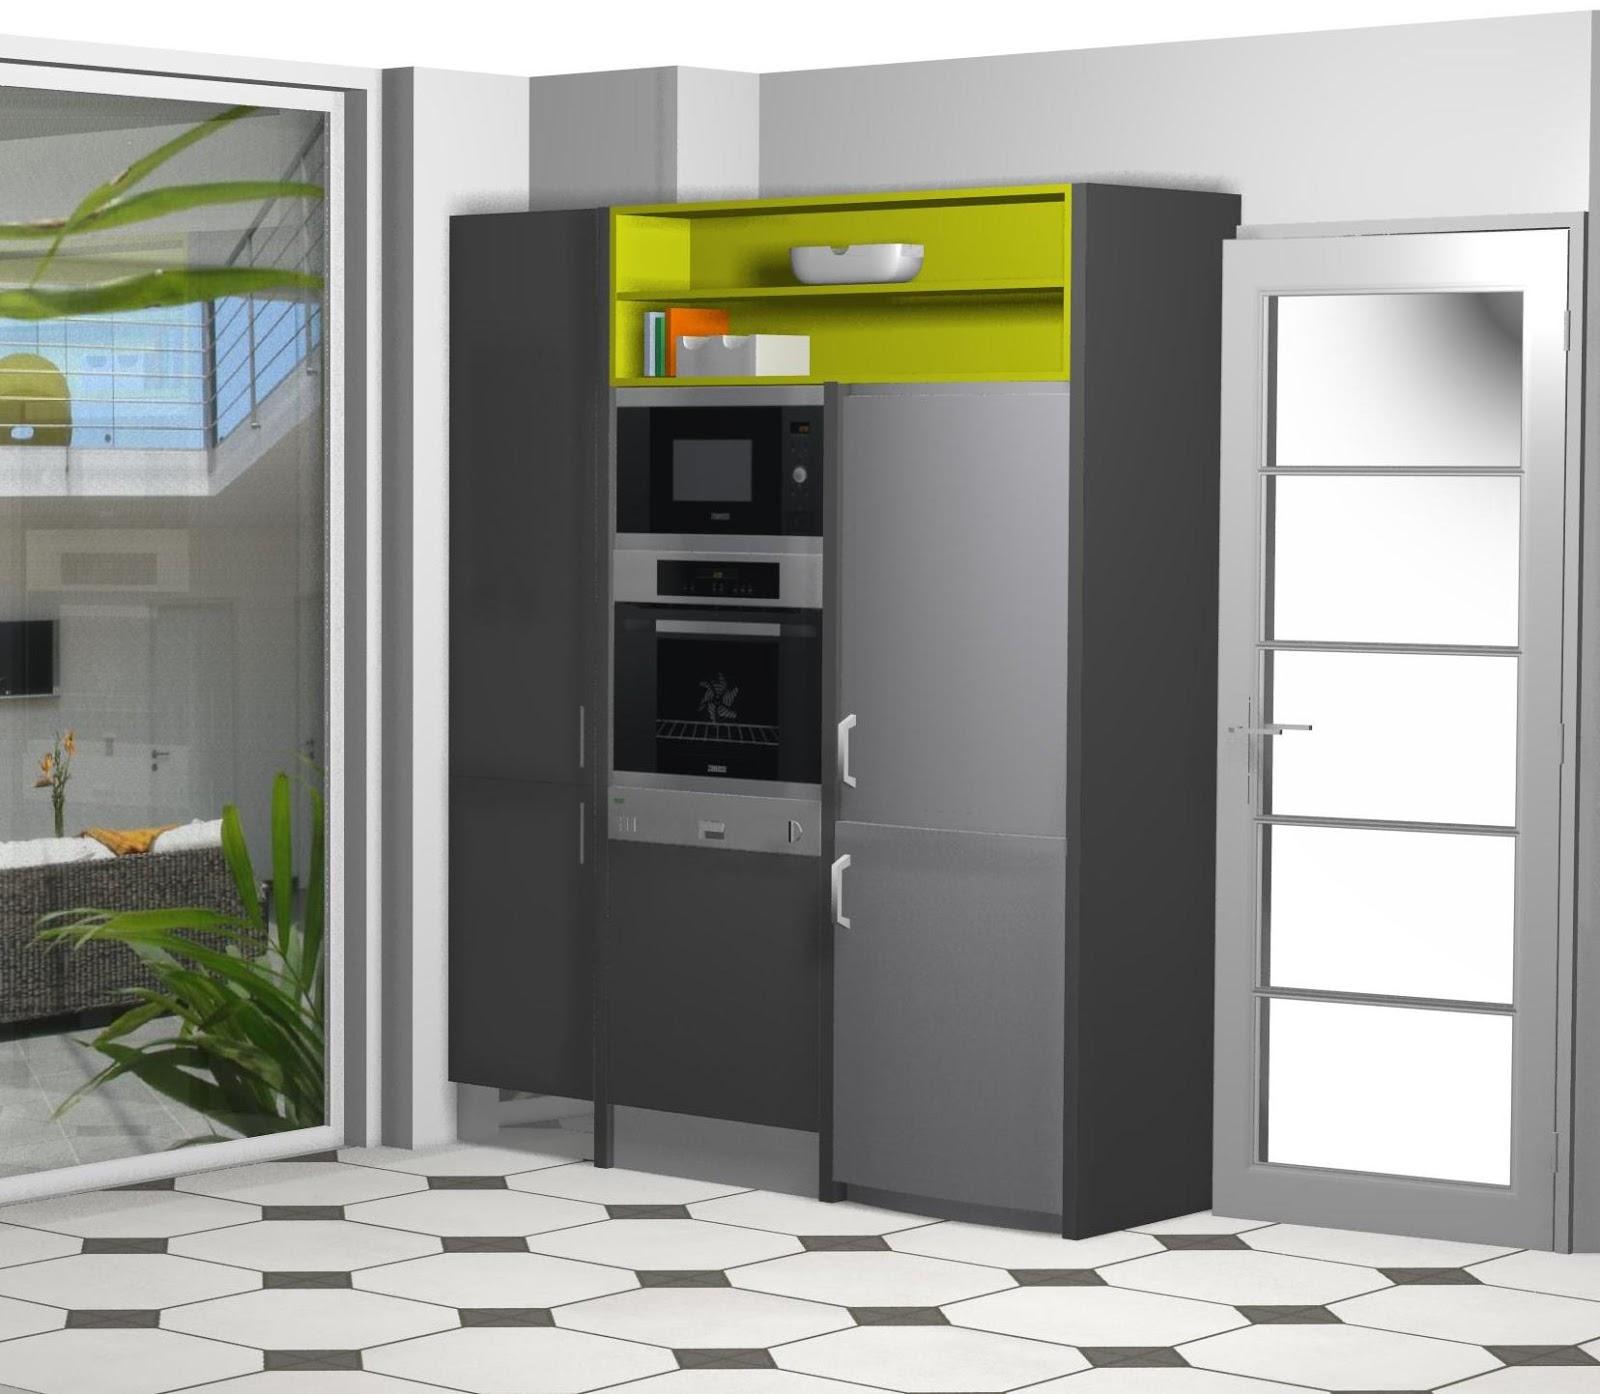 Dise o muebles de cocina dise o de cocina en paralelo for Cocinas en paralelo